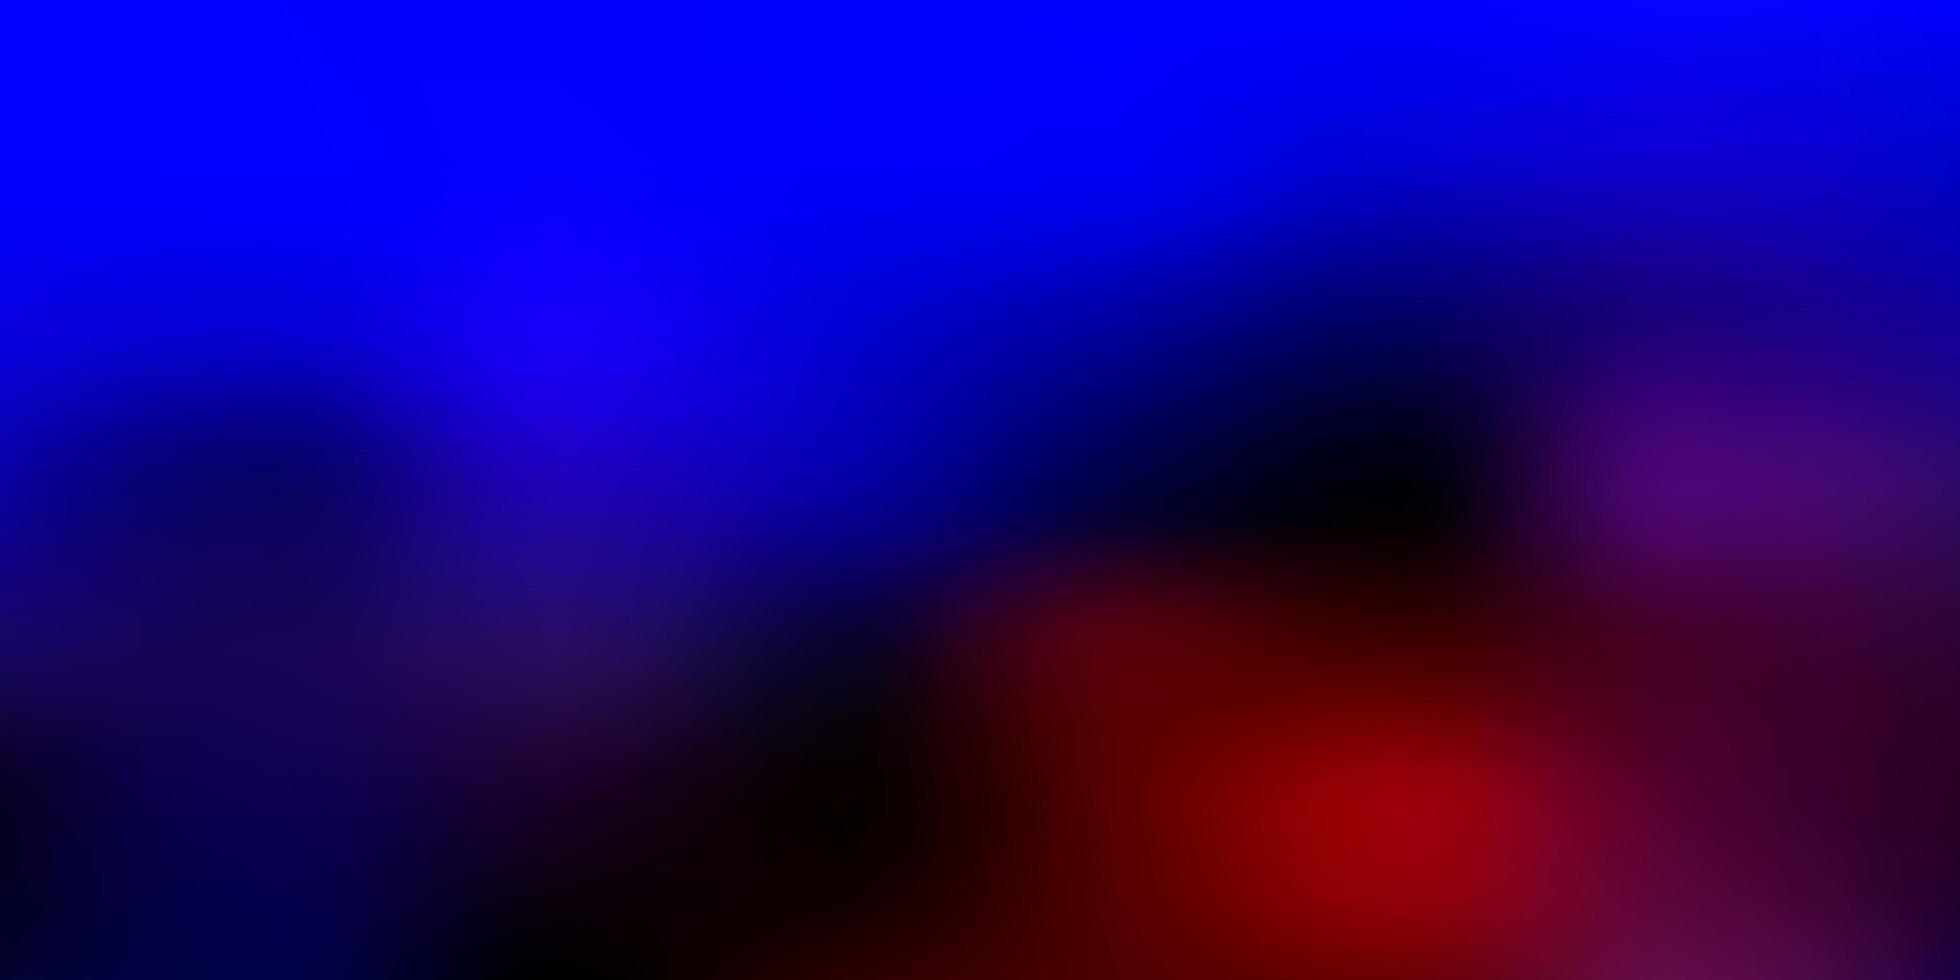 layout de desfoque de vetor azul claro e vermelho.